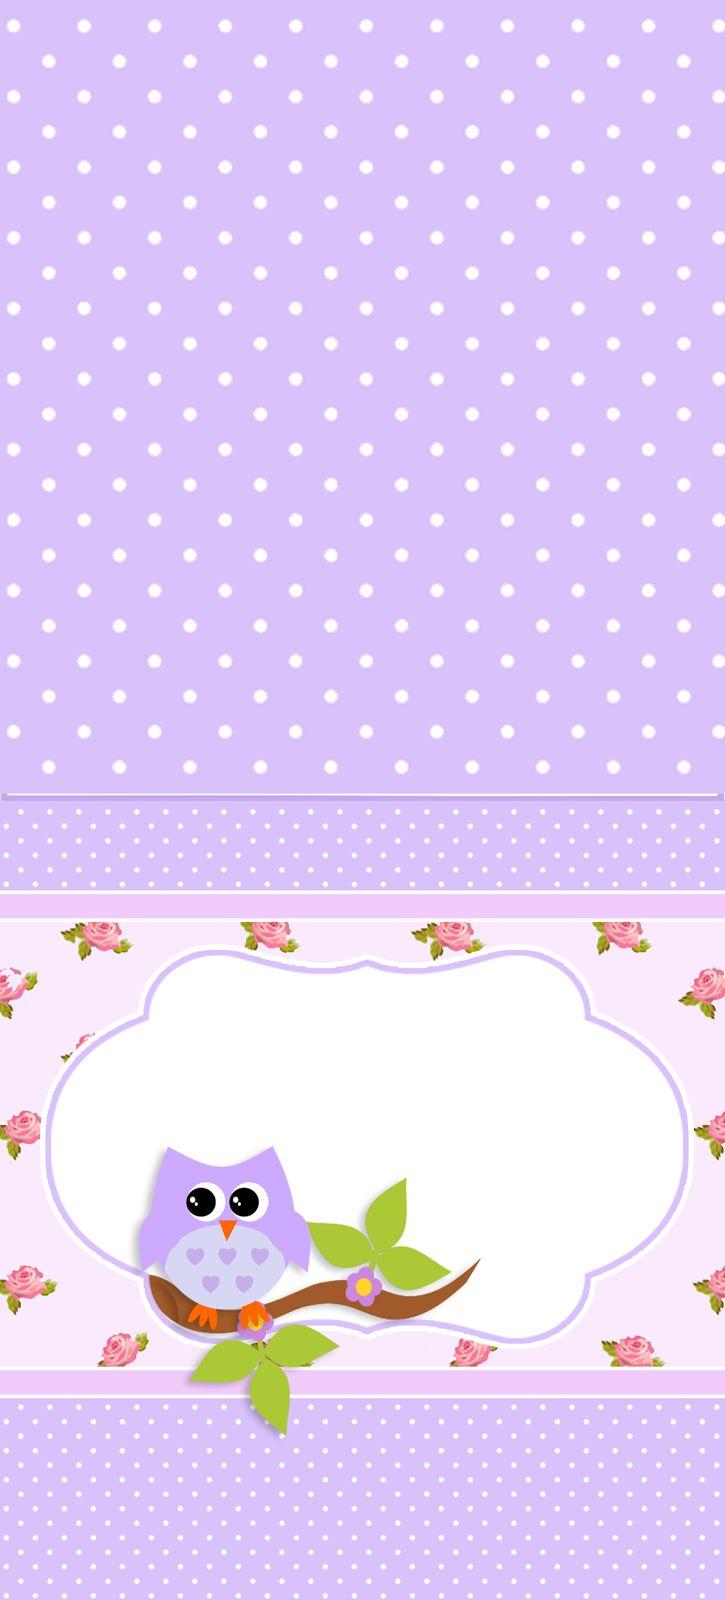 Montando a minha festa: Corujinha floral